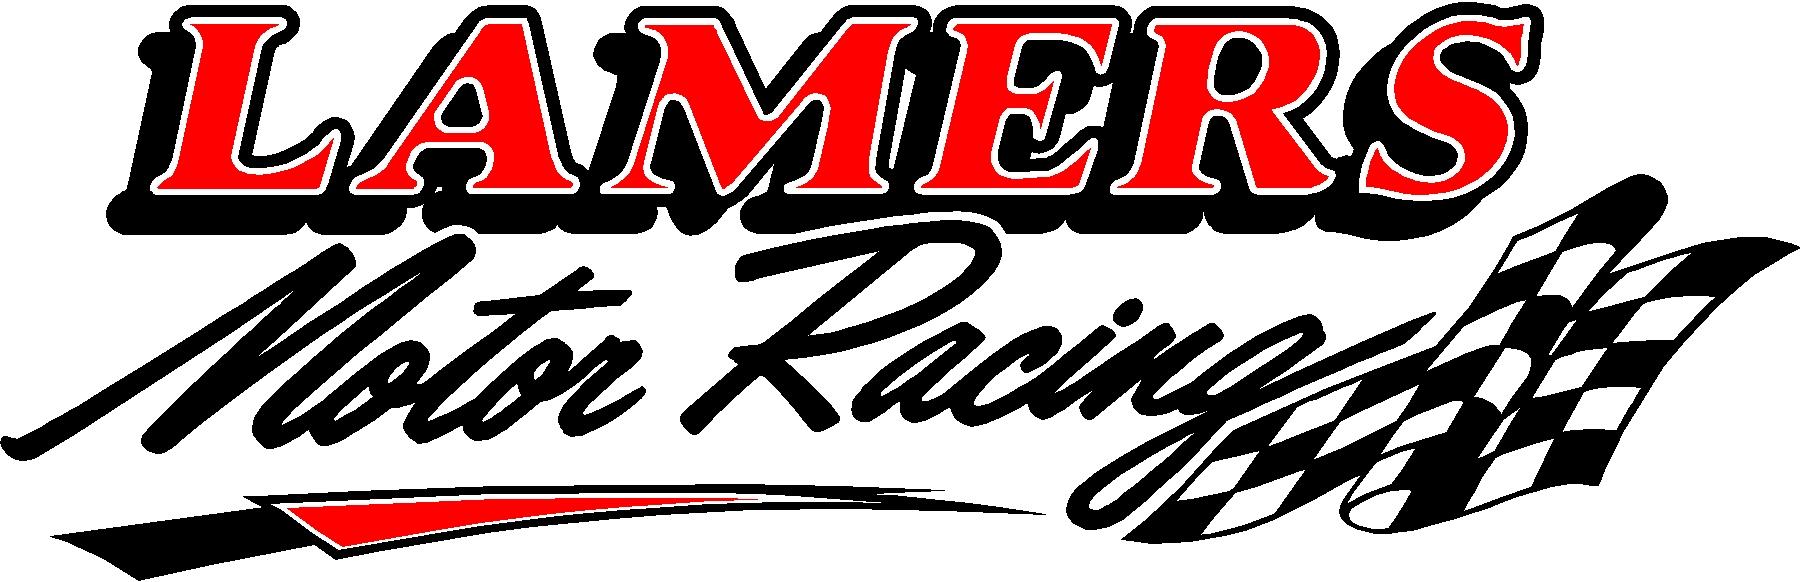 Lamers Motor Racing_Entertainment Sponsor